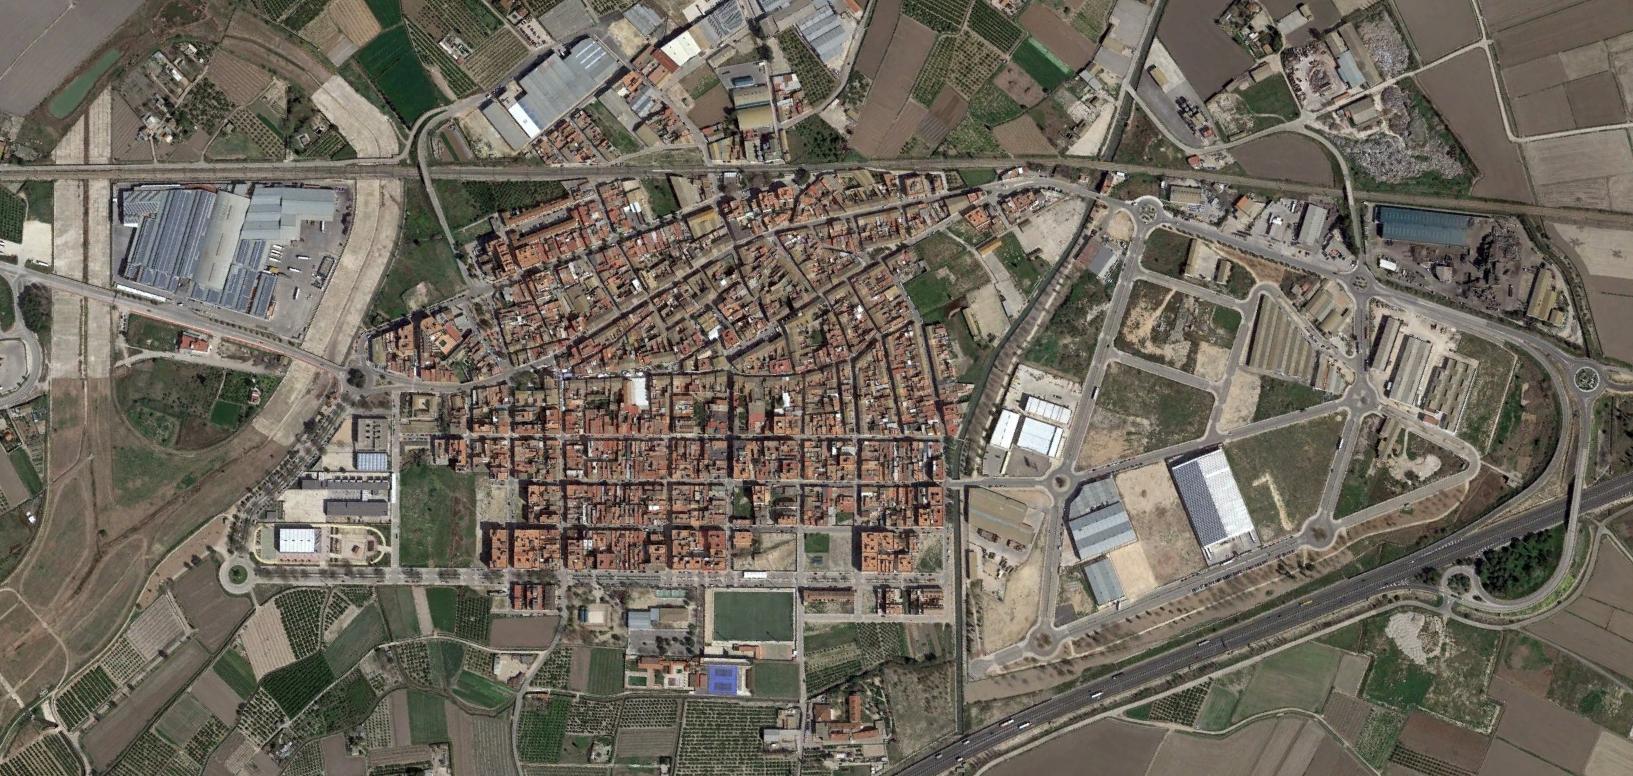 sollana, valencia, guttierrez, después, urbanismo, planeamiento, urbano, desastre, urbanístico, construcción, rotondas, carretera